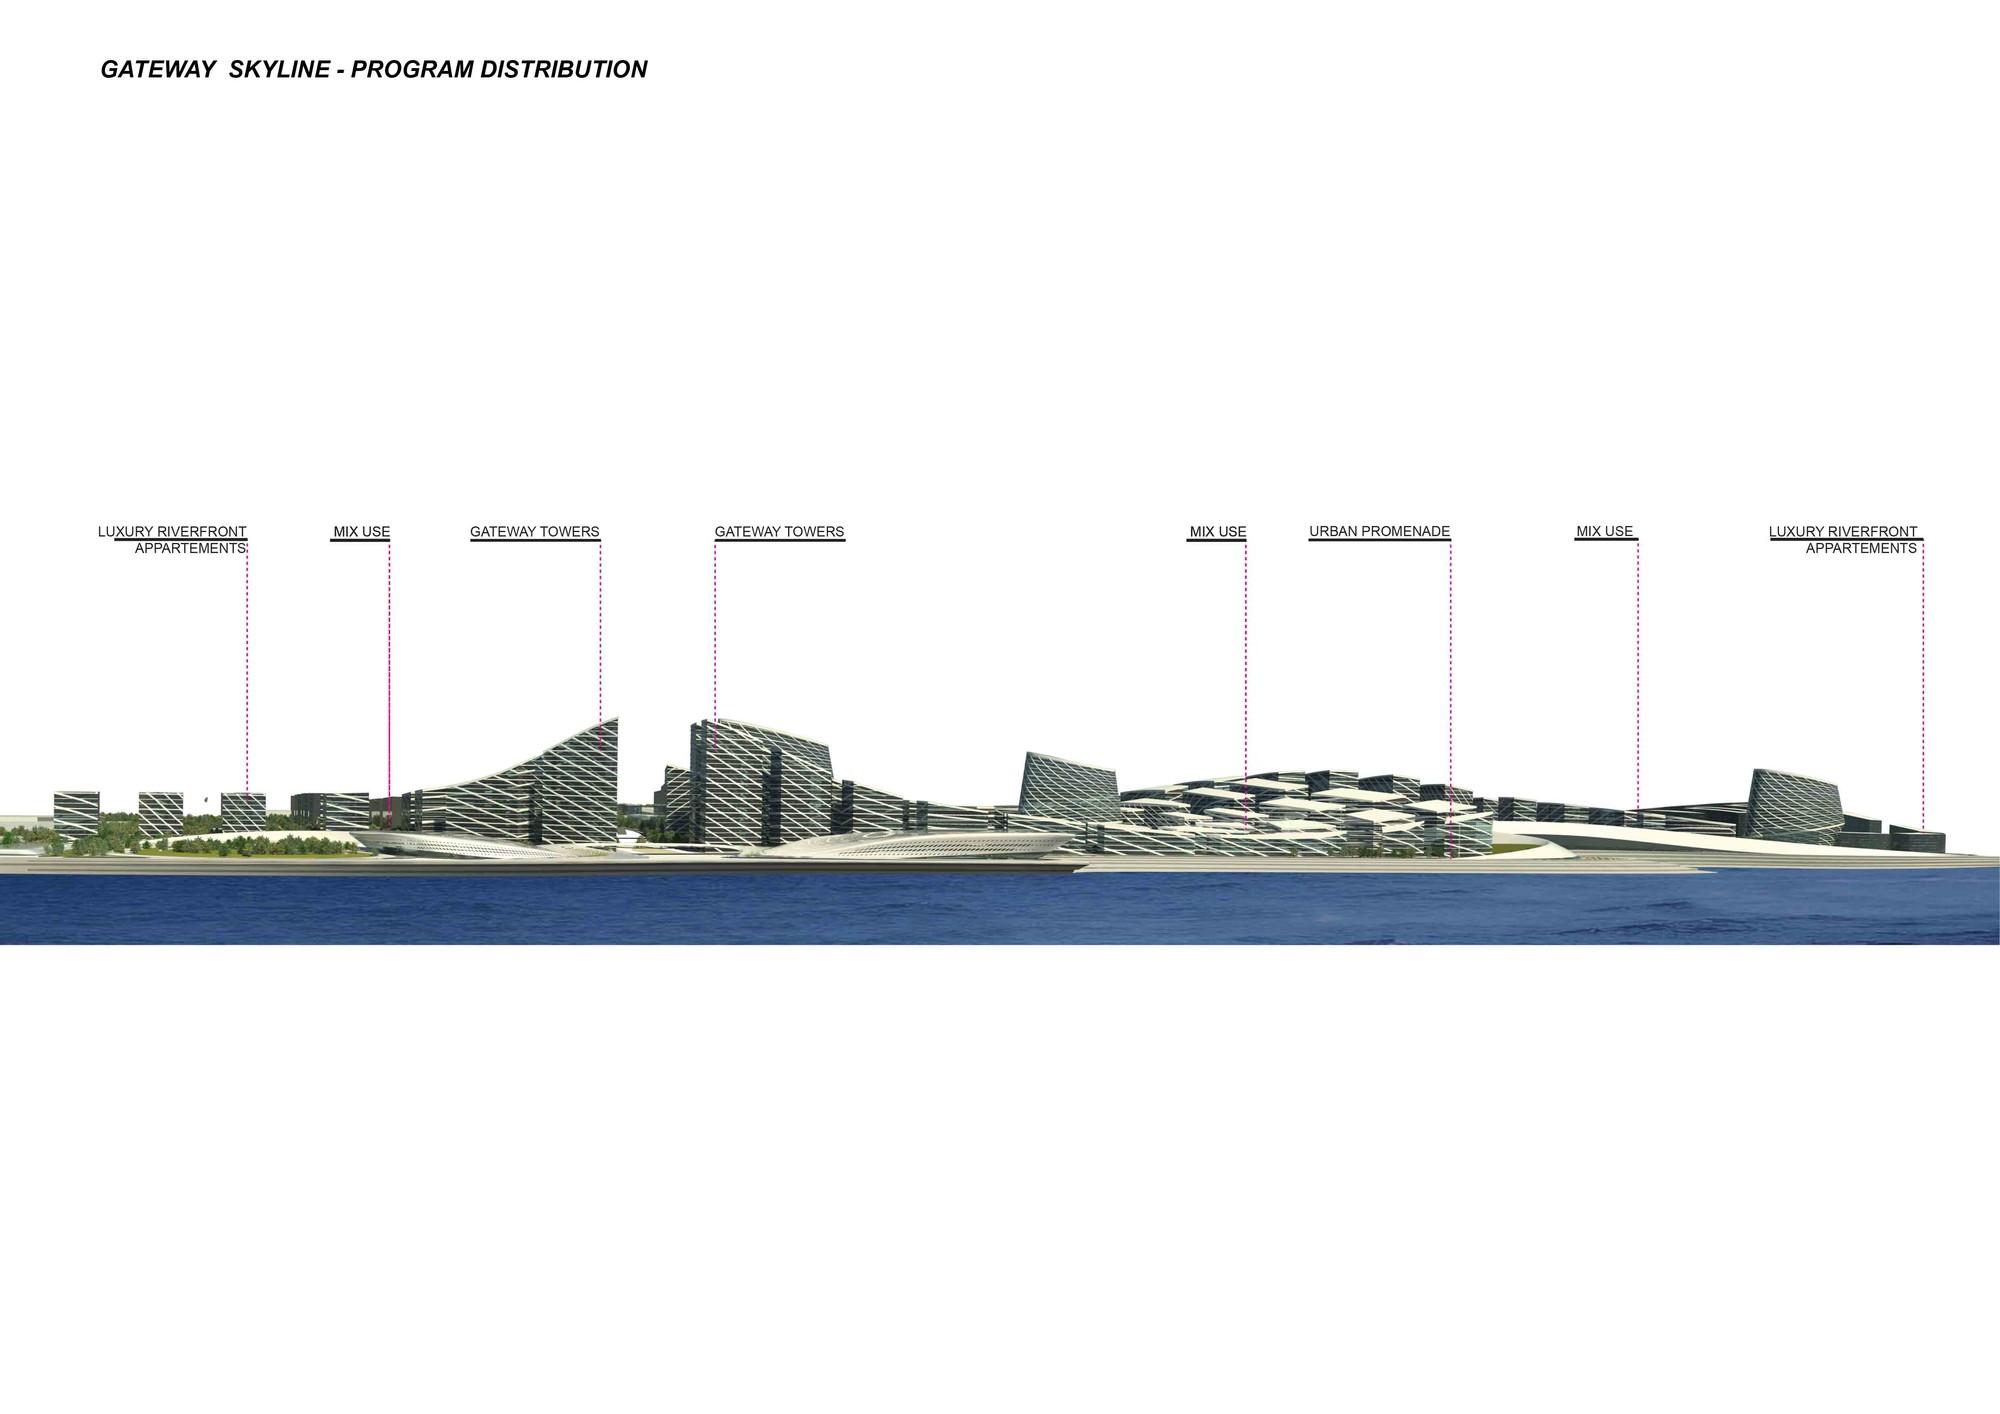 kanpur riverfront development proposal studio symbiosis gateway skyline program distribution diagram 03 [ 2000 x 1414 Pixel ]